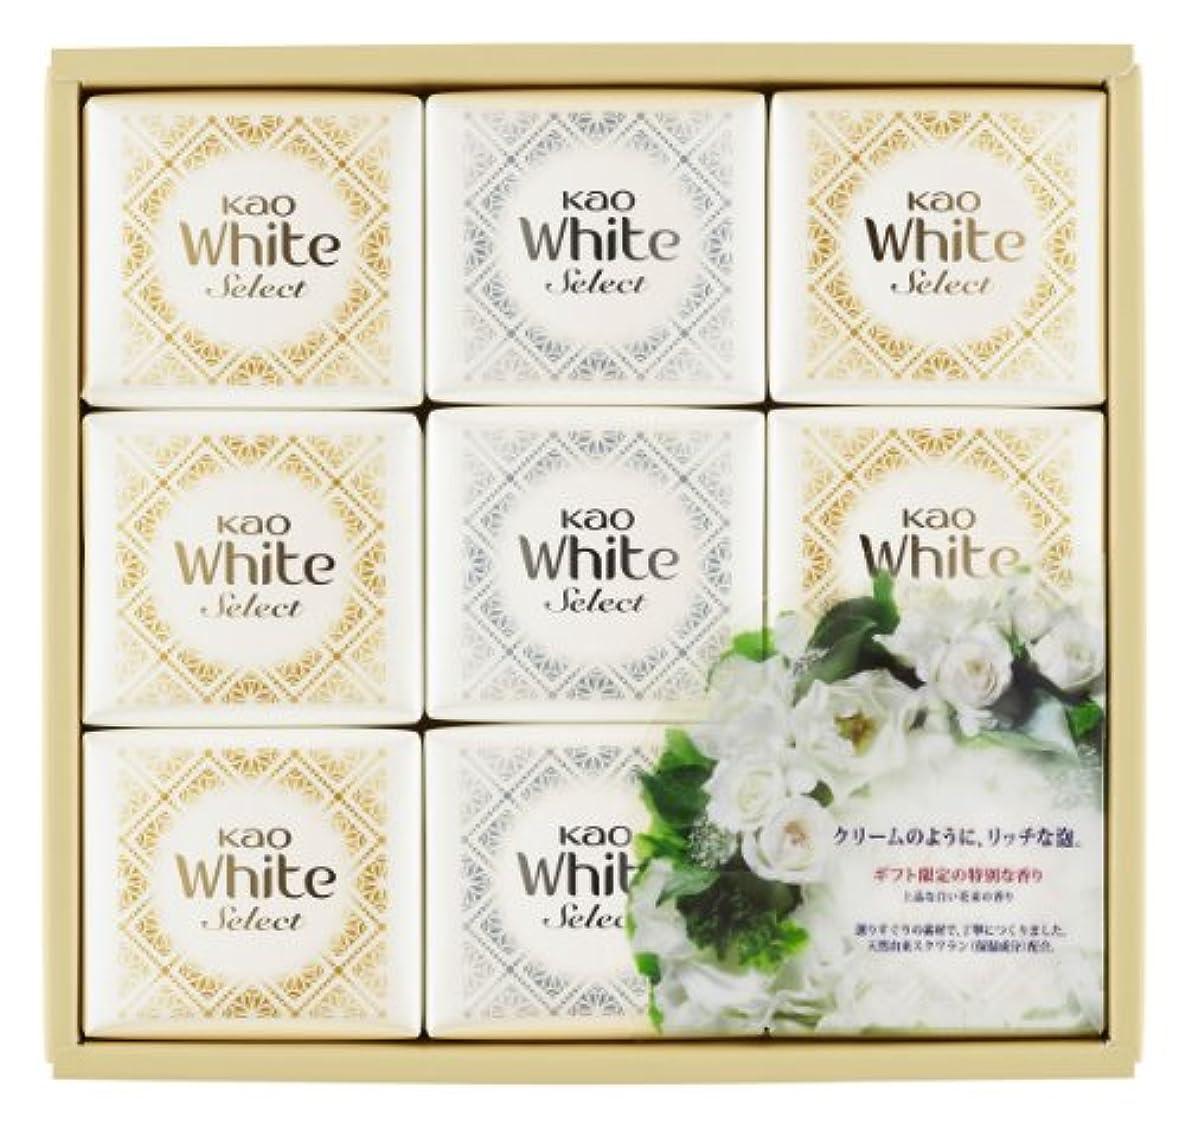 公平血まみれ記憶に残る花王ホワイト セレクト 上品な白い花束の香り 85g 9コ K?WS-15